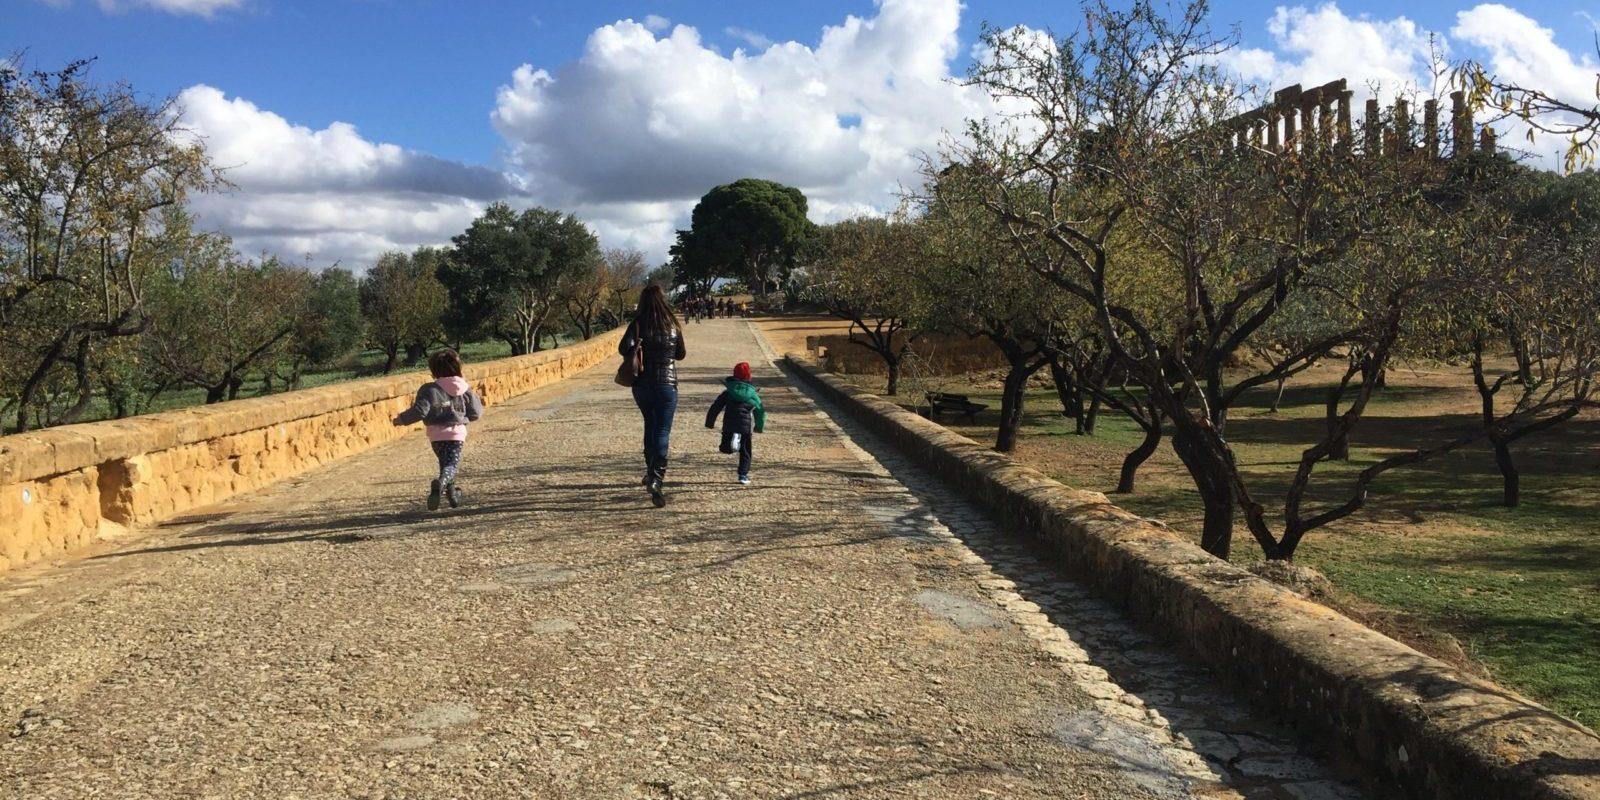 Mamma e due bambini che corrono lungo la via sacra tra mandorli e ulivi verso il tempio di Giunone sullo sfondo sotto un cielo azzurro con nuvole bianche